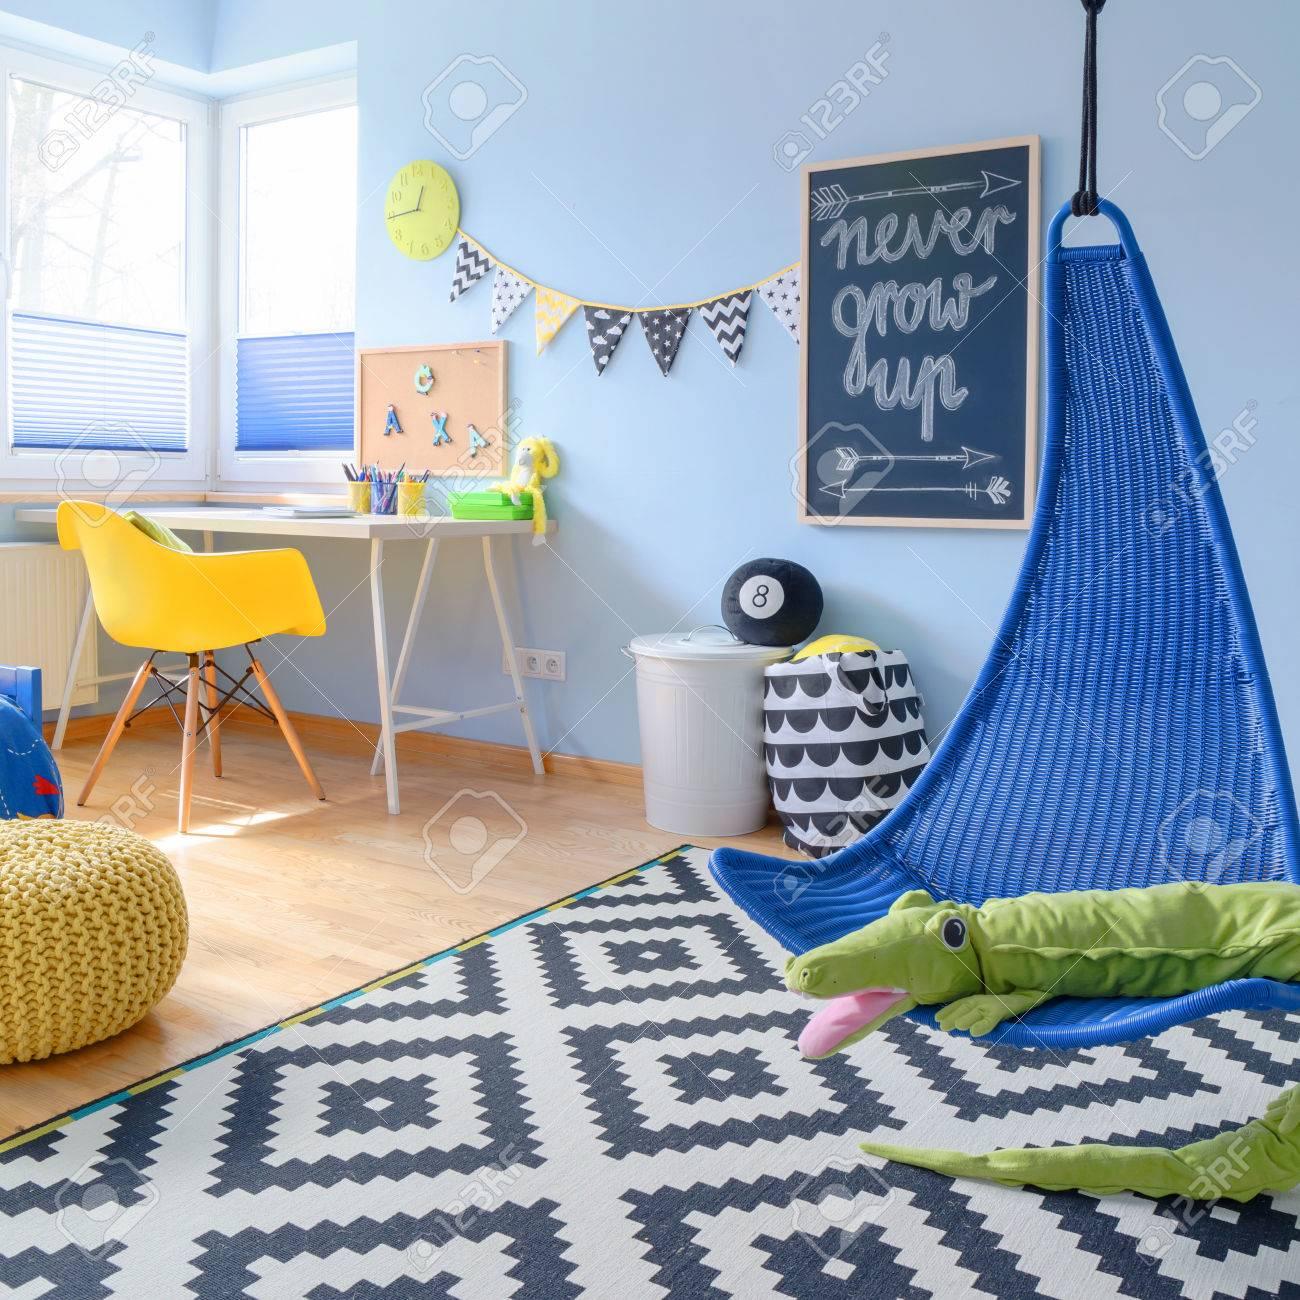 Schuss Eines Modernen Bunten Kinderzimmer Mit Einem Hängesessel